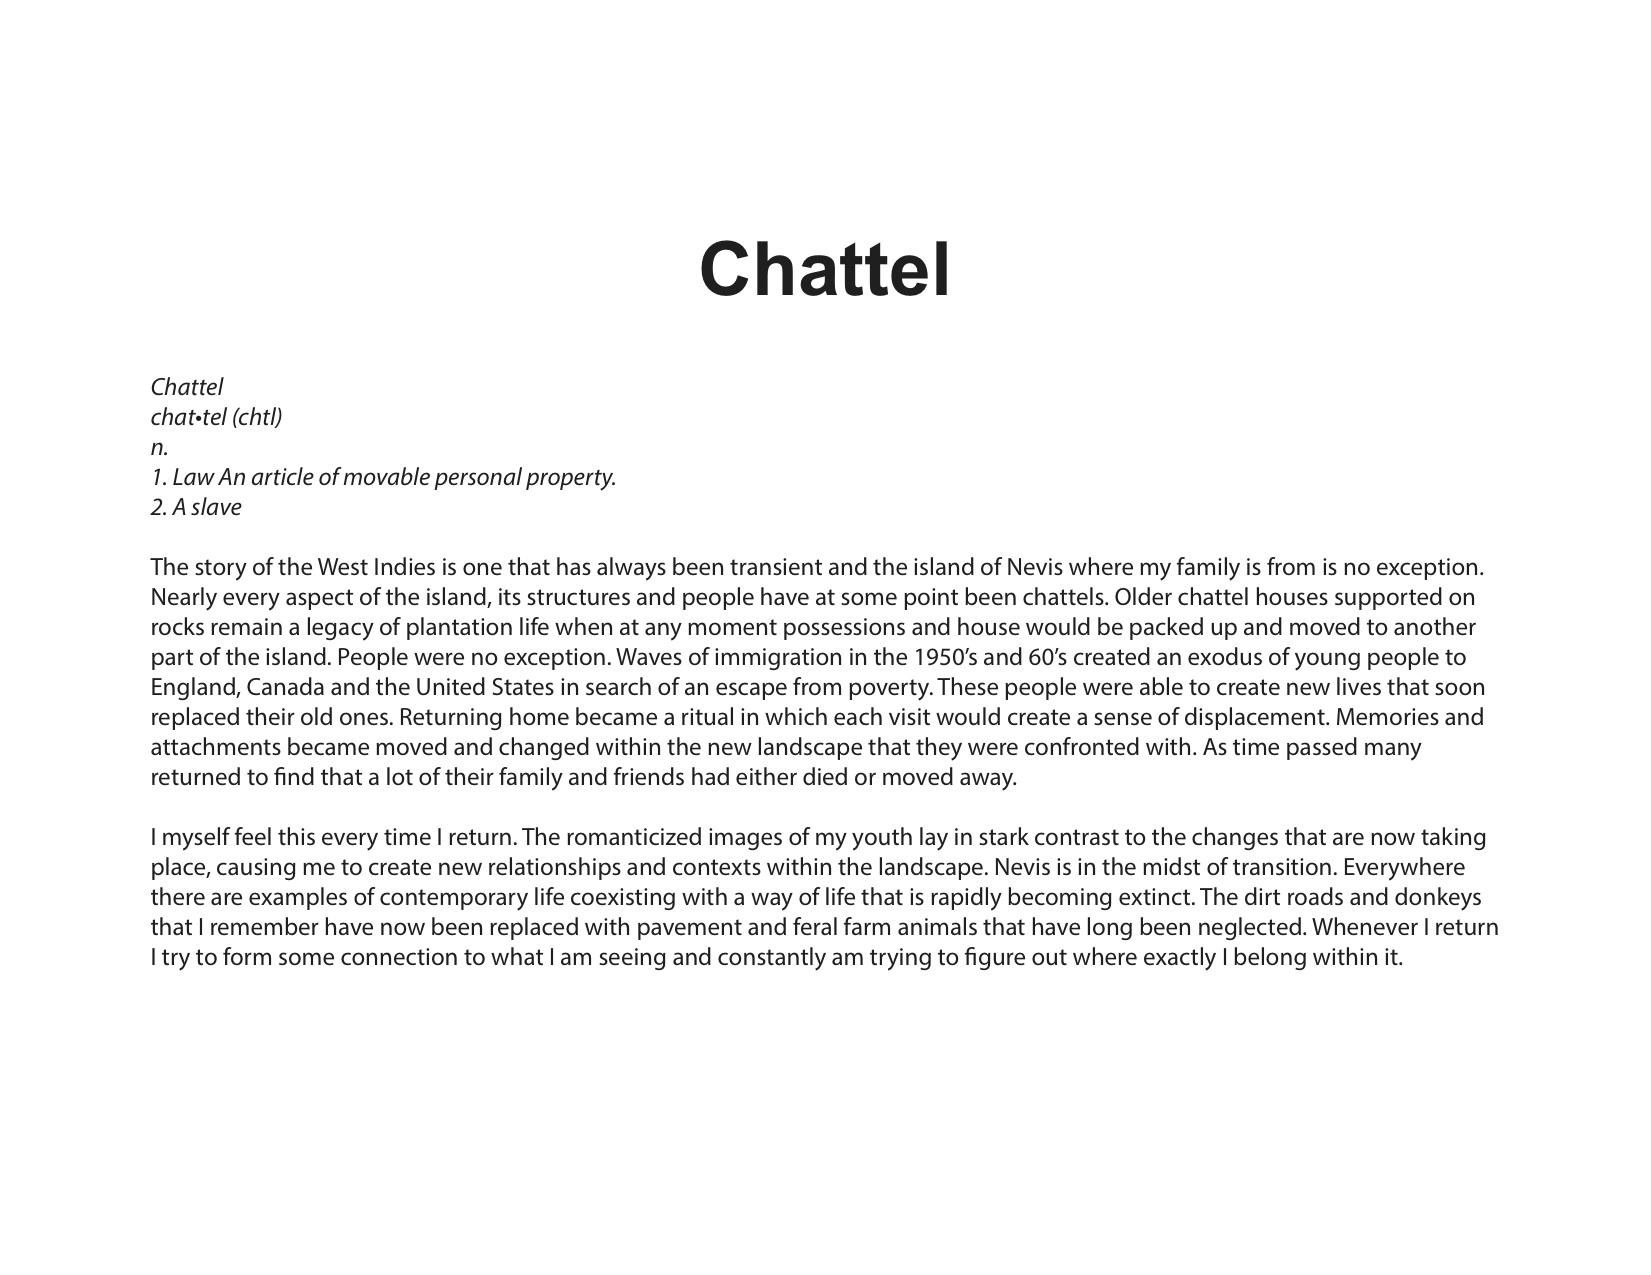 Chattel_JPEG_Statement.jpg